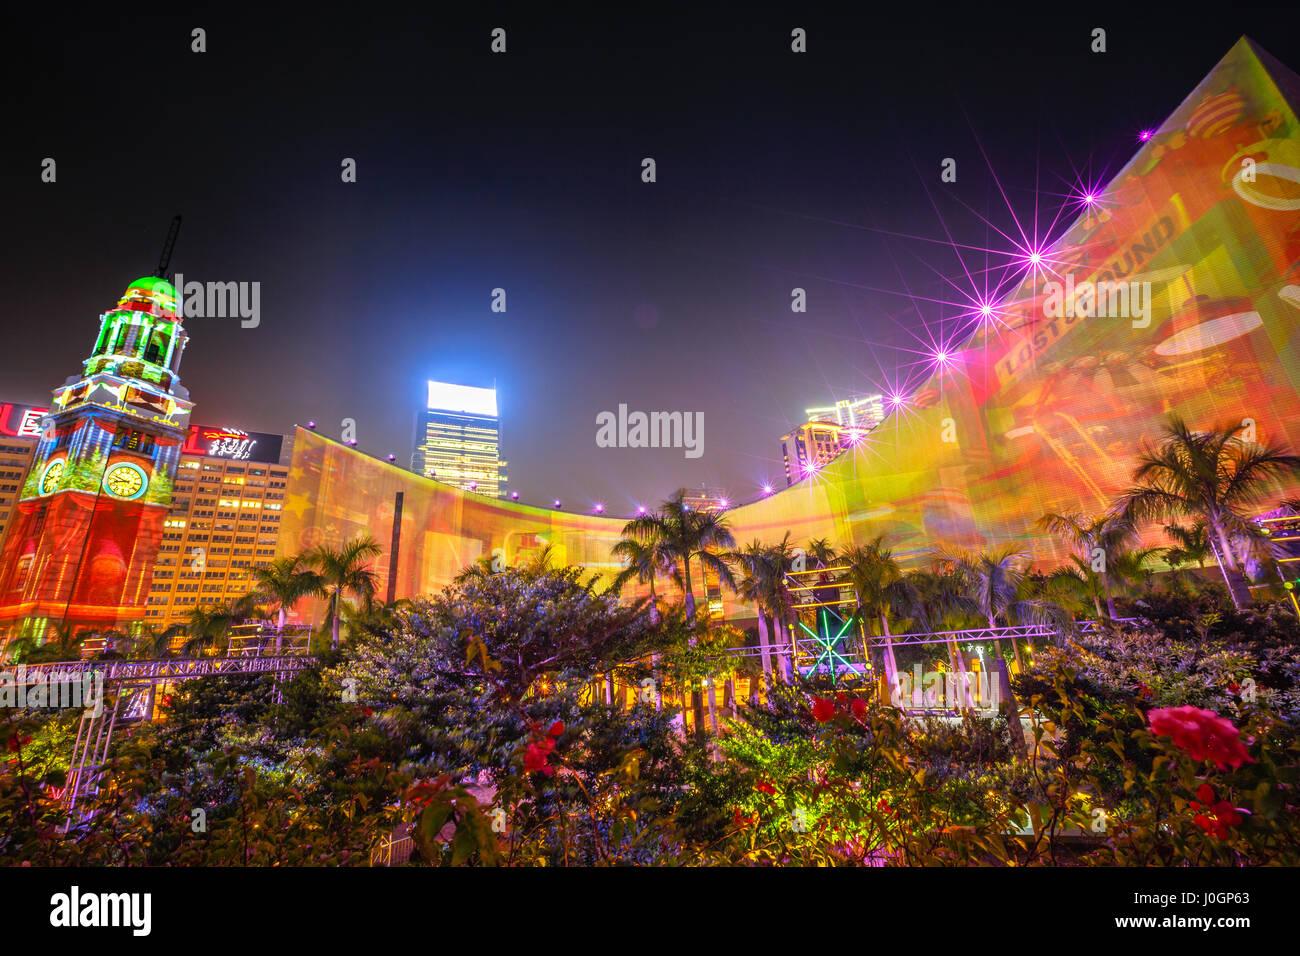 3D Light Show hong kong, china - december 5, 2016: 3d light show of hong kong